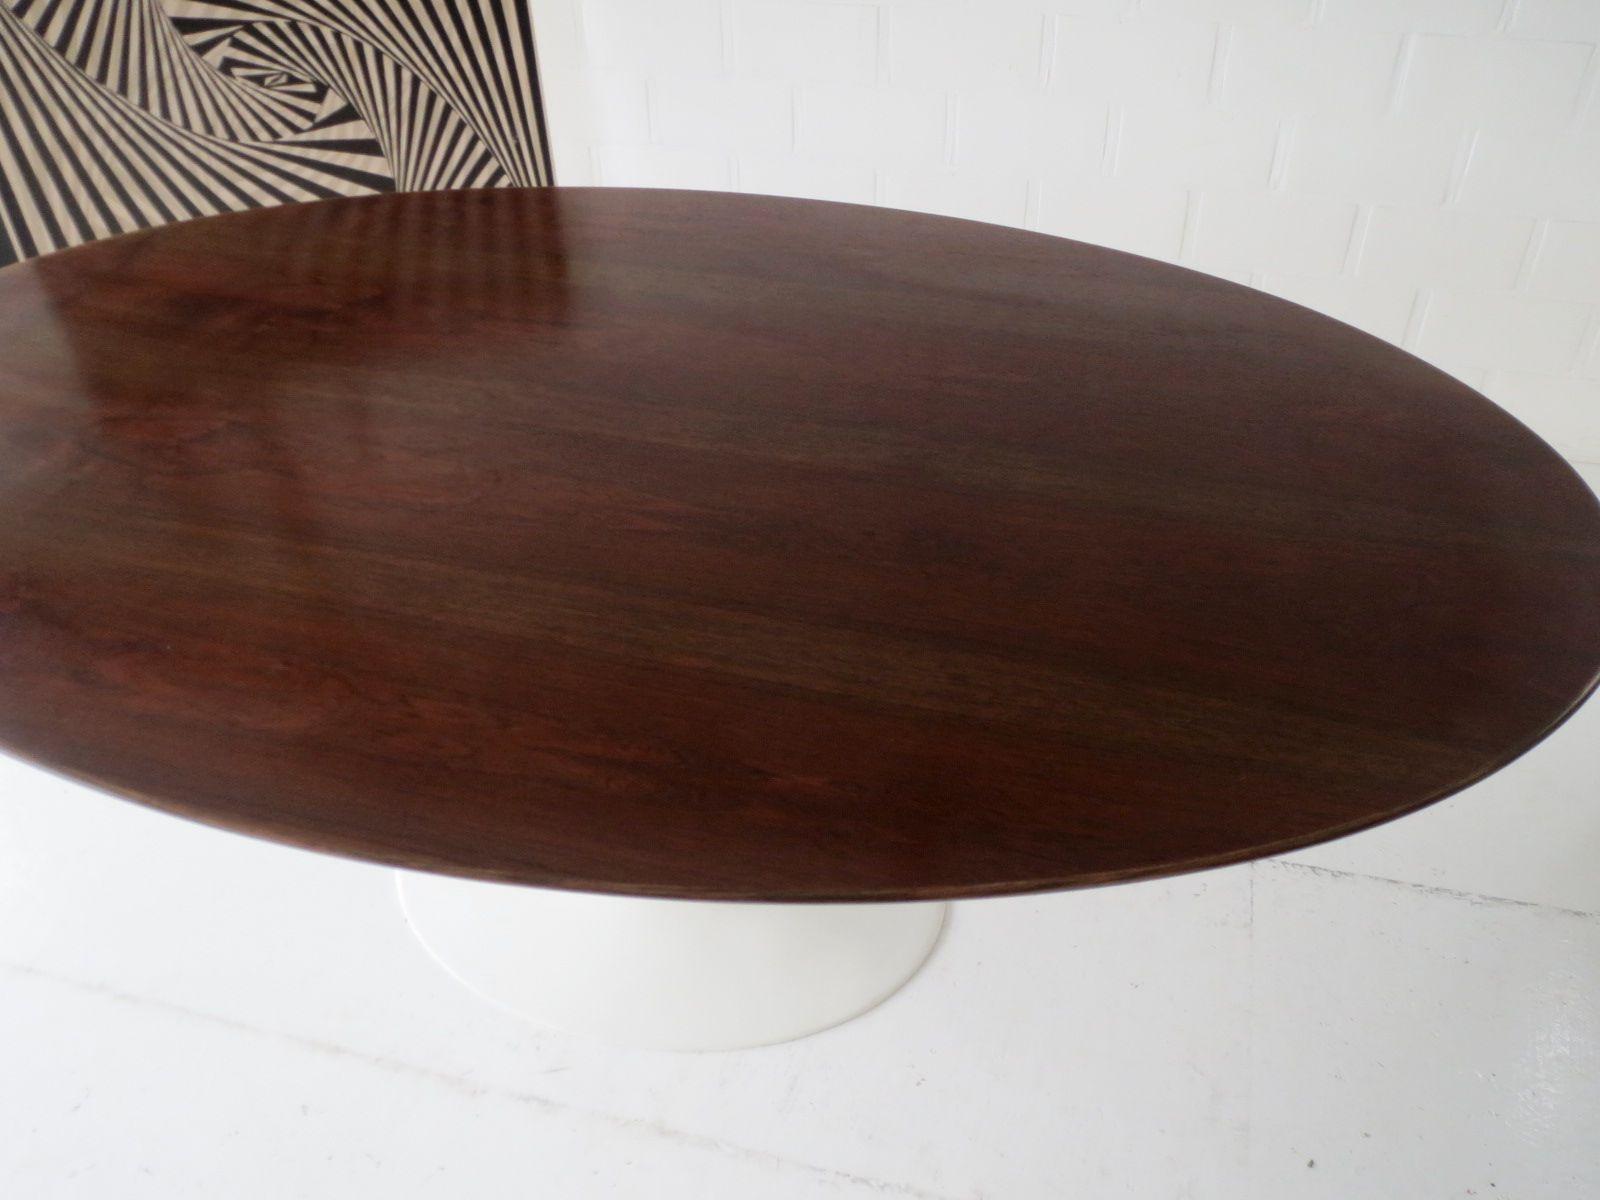 ovaler esstisch aus rio palisander von eero saarinen f r knoll international 1970er bei pamono. Black Bedroom Furniture Sets. Home Design Ideas